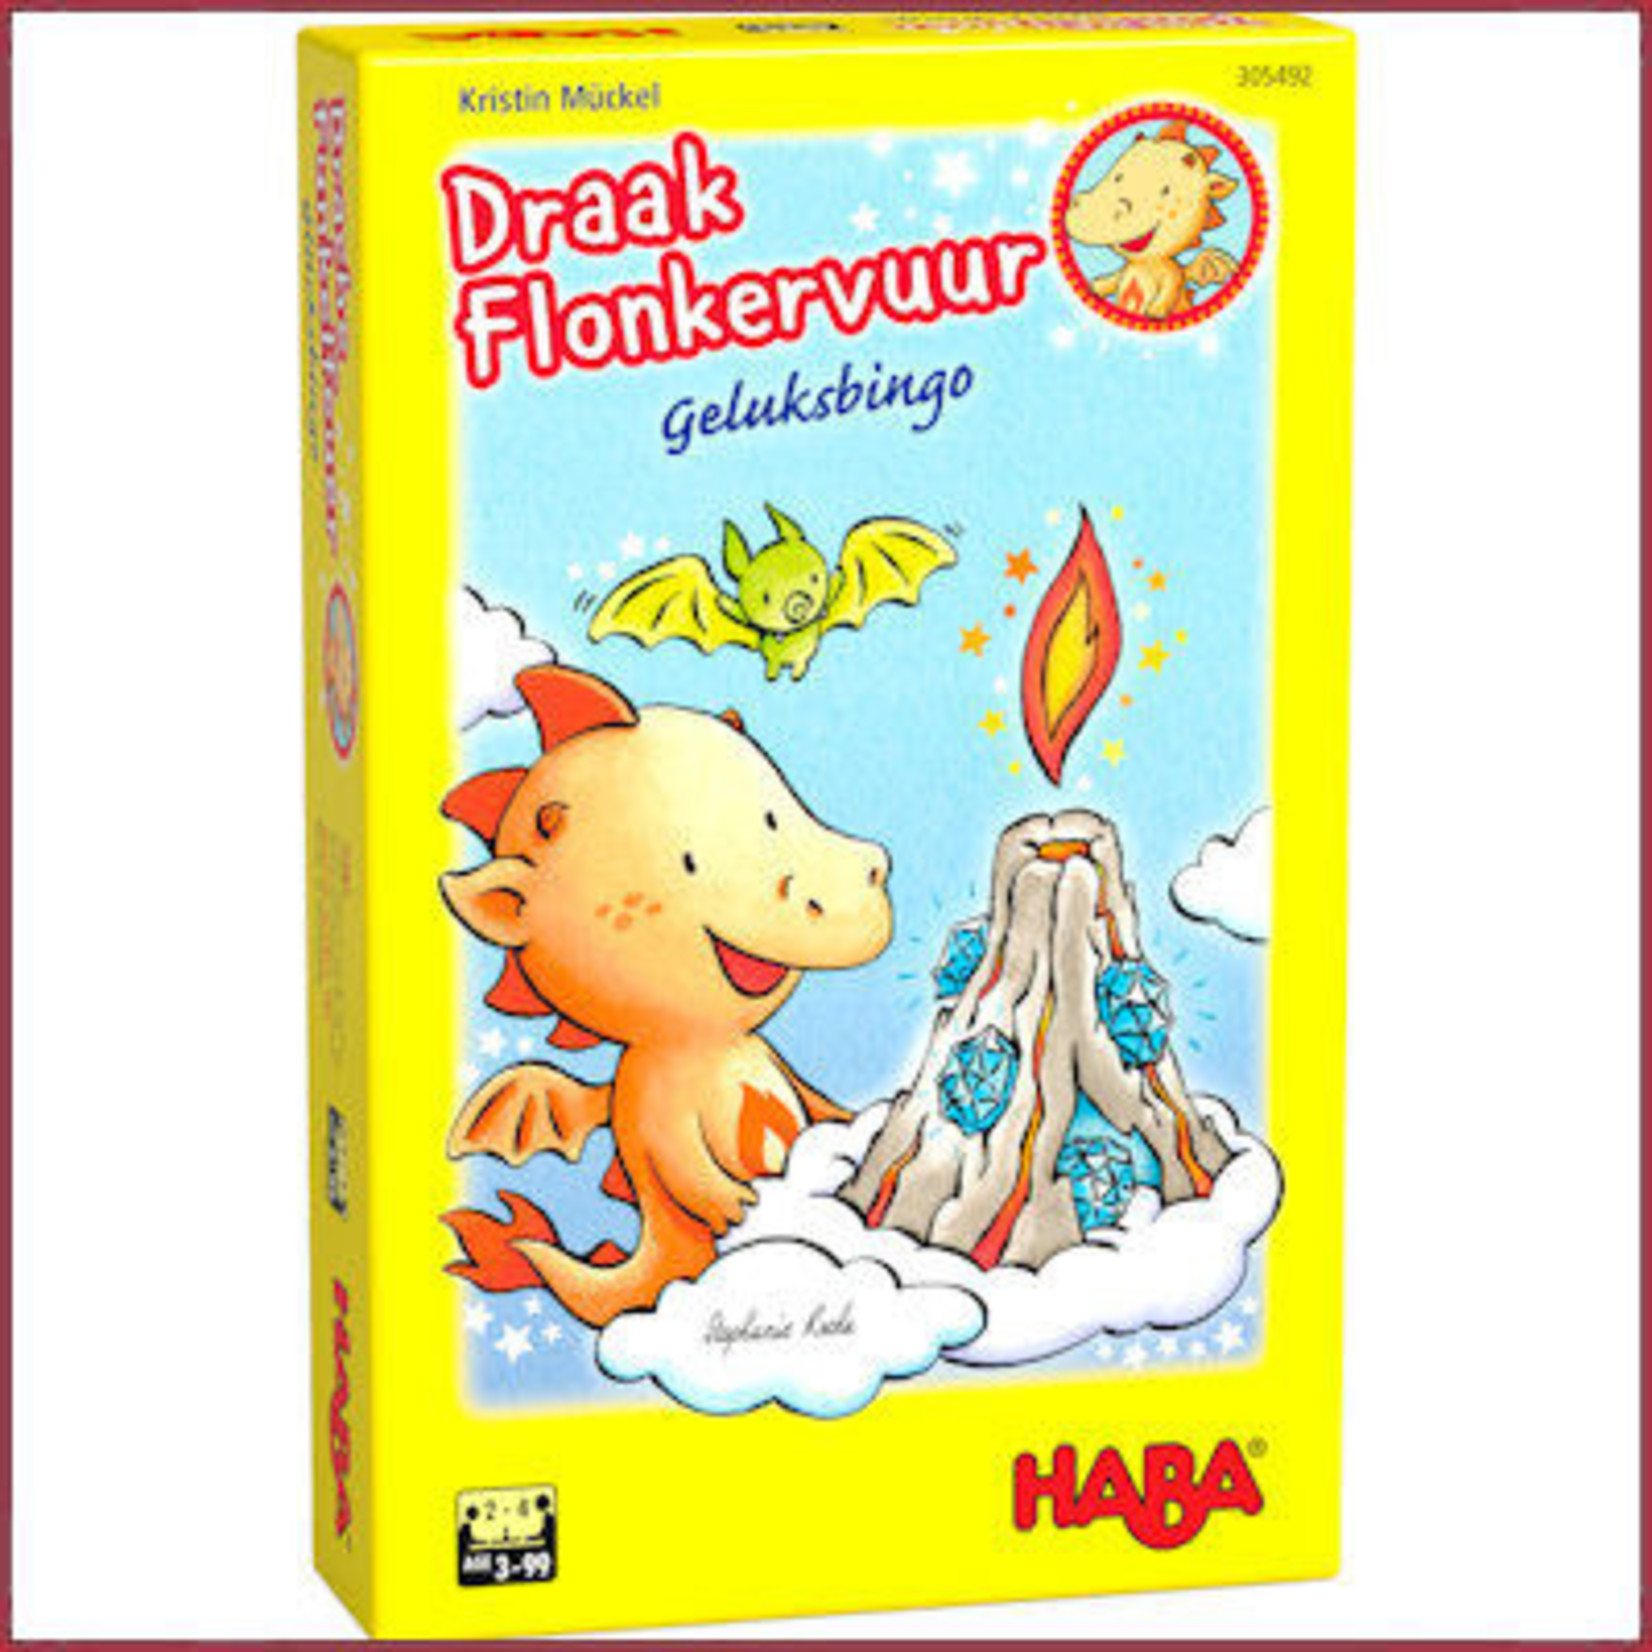 Haba Spel - Draak Flonkervuur geluksbingo